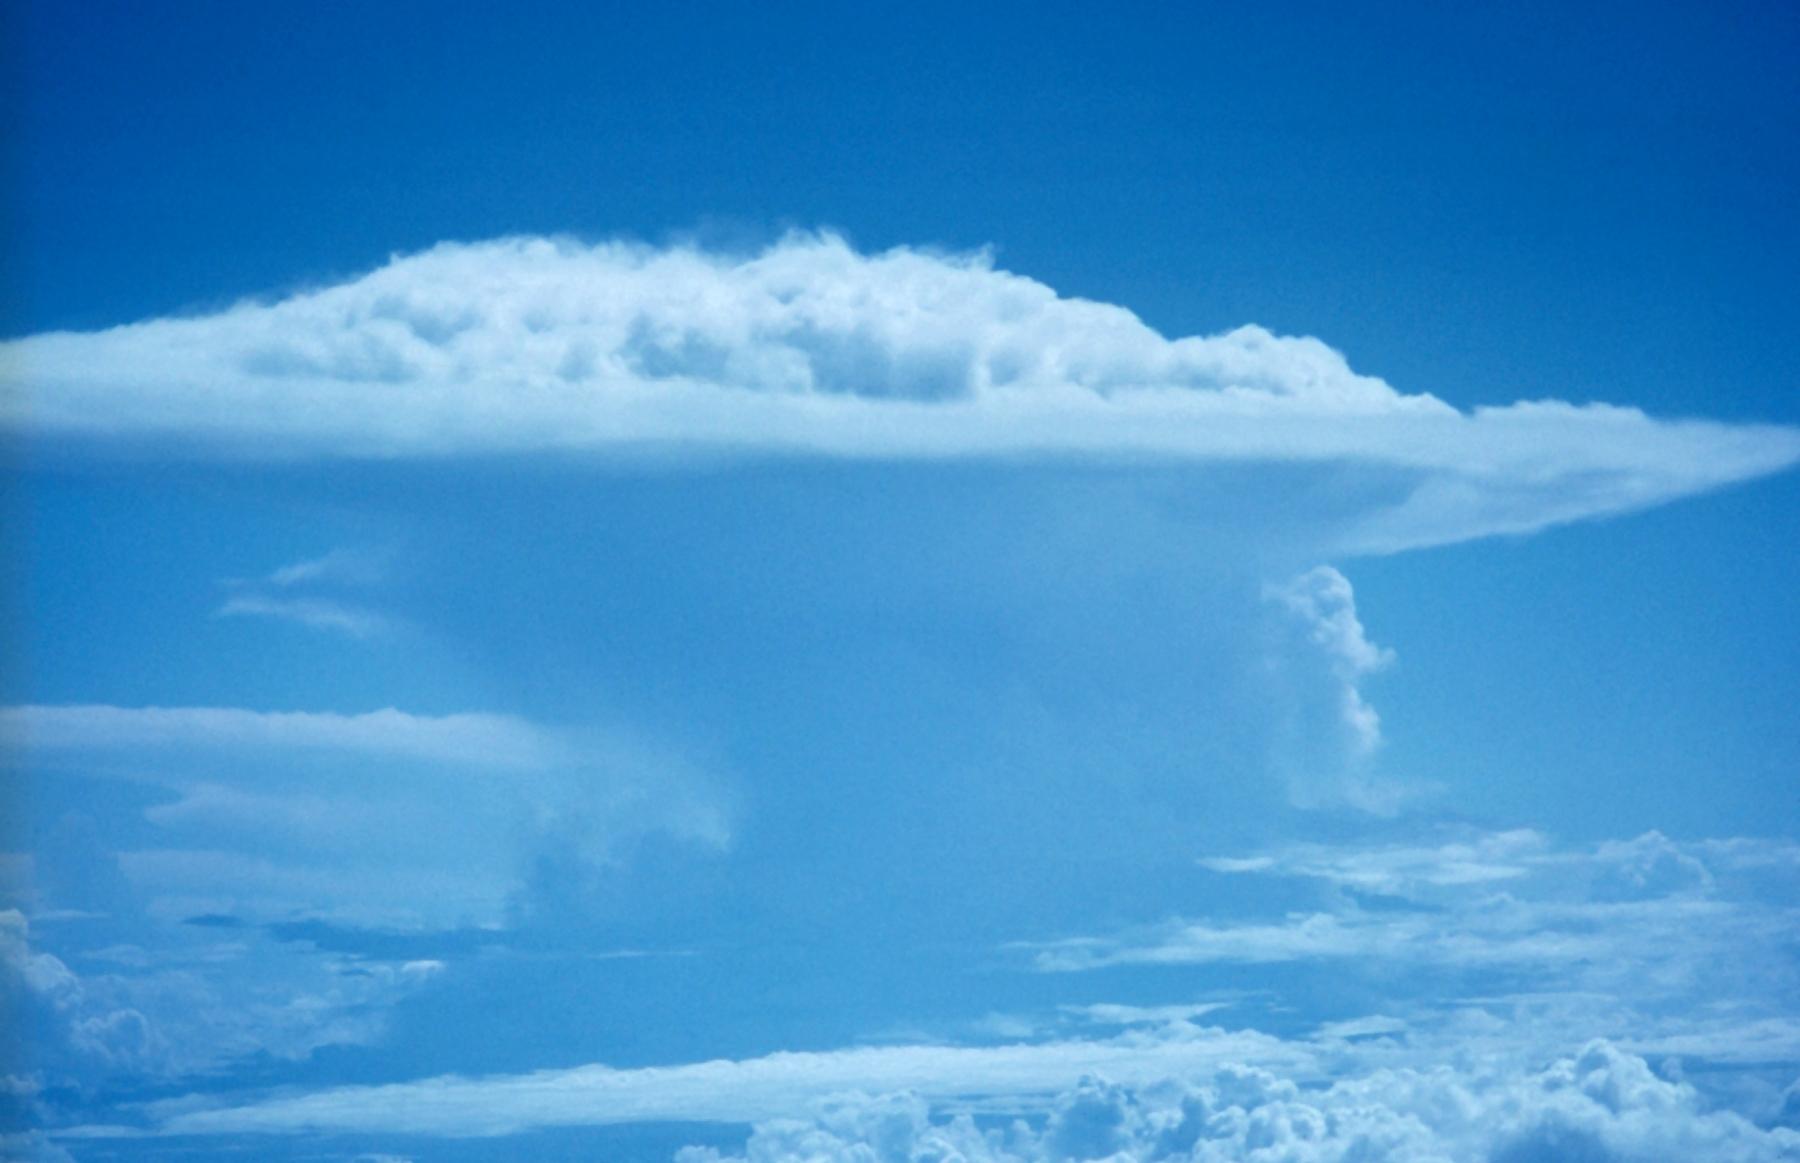 Cumulonimbus cloud - Wikipedia